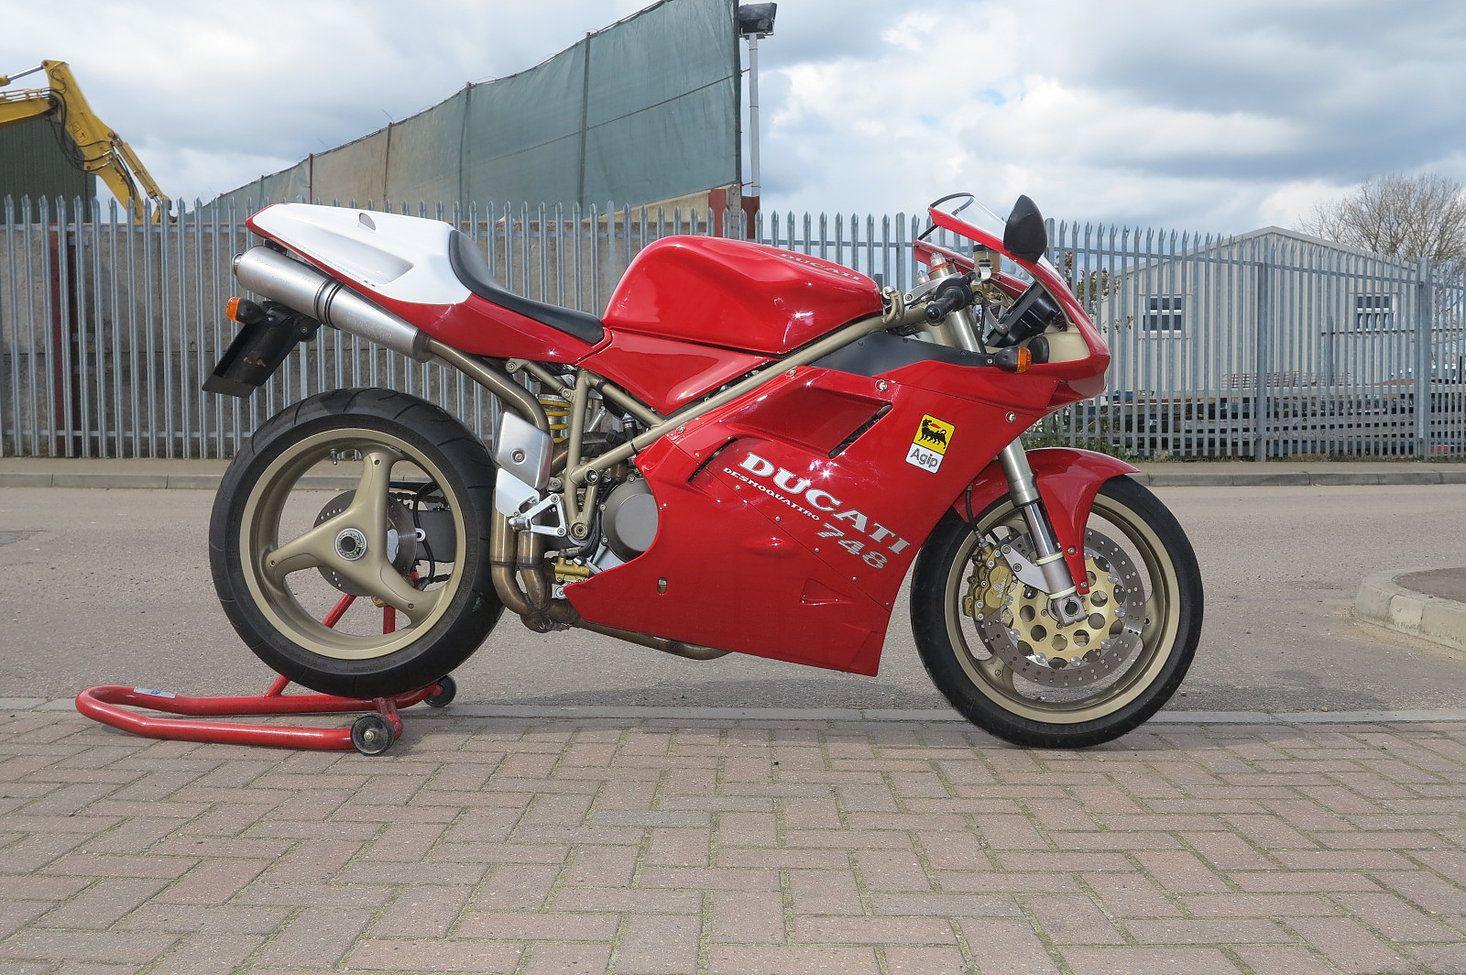 Ducati 748 1998 Sold